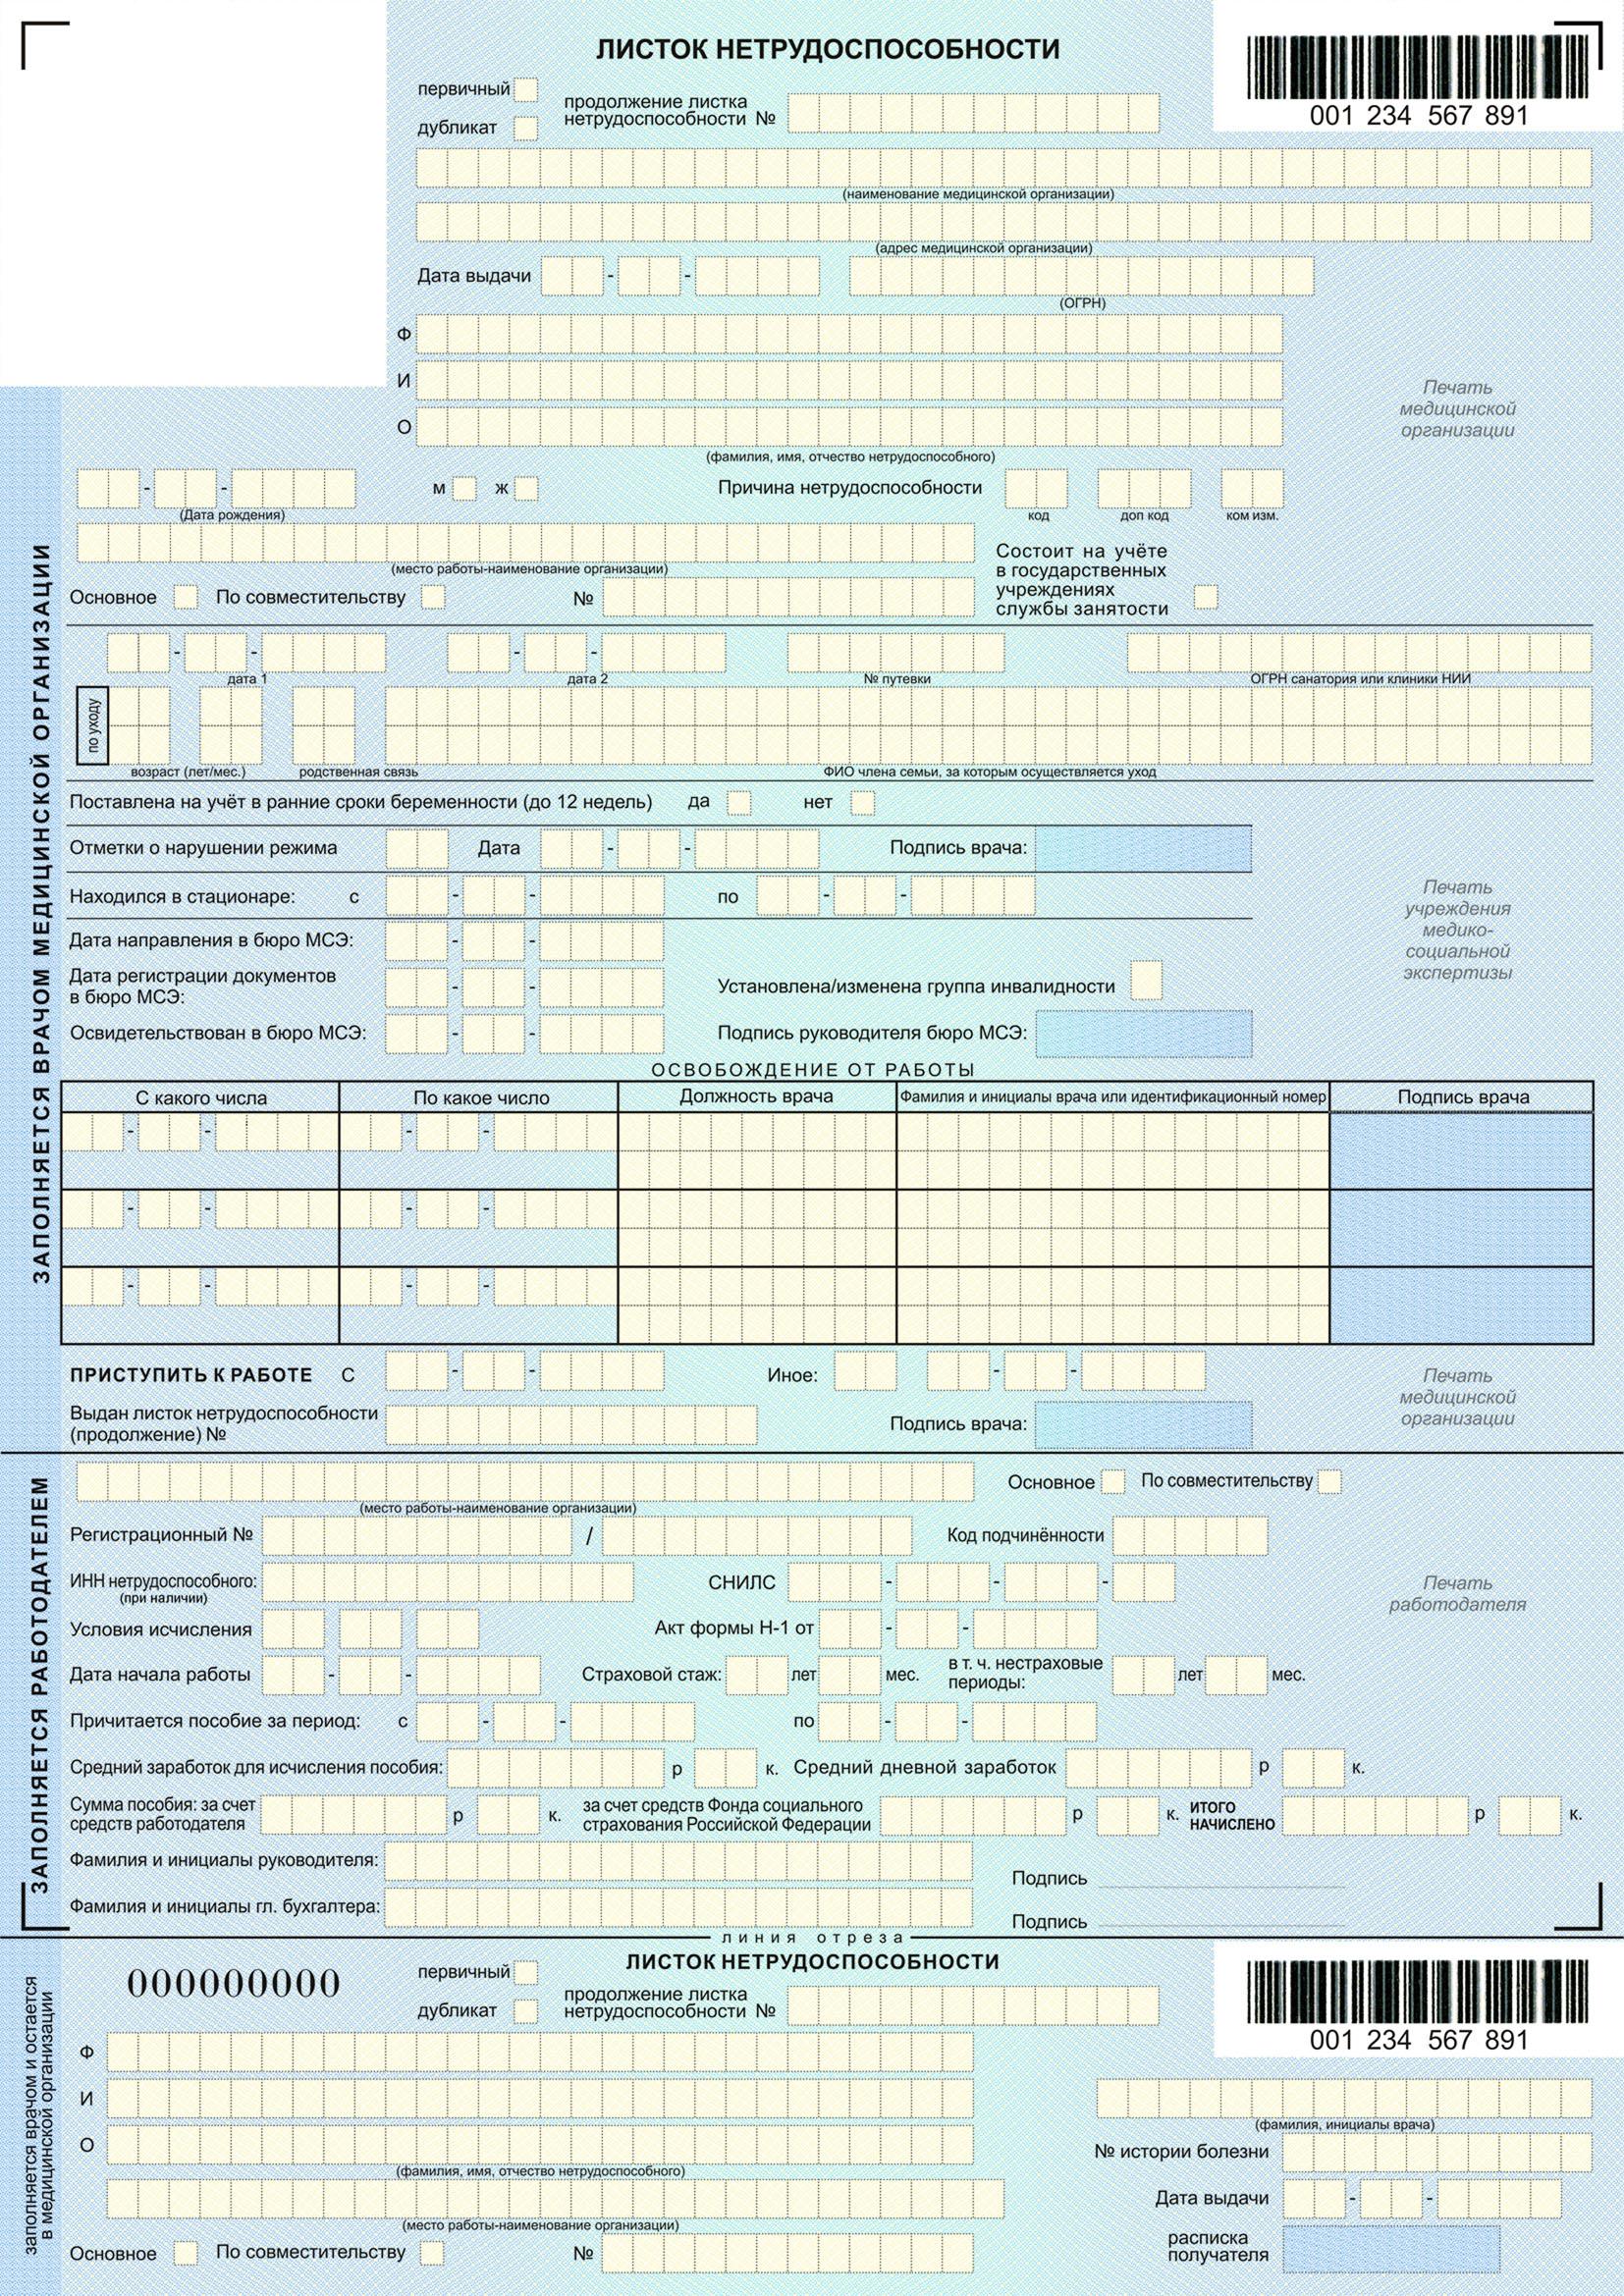 больничные листы в 2013 году: